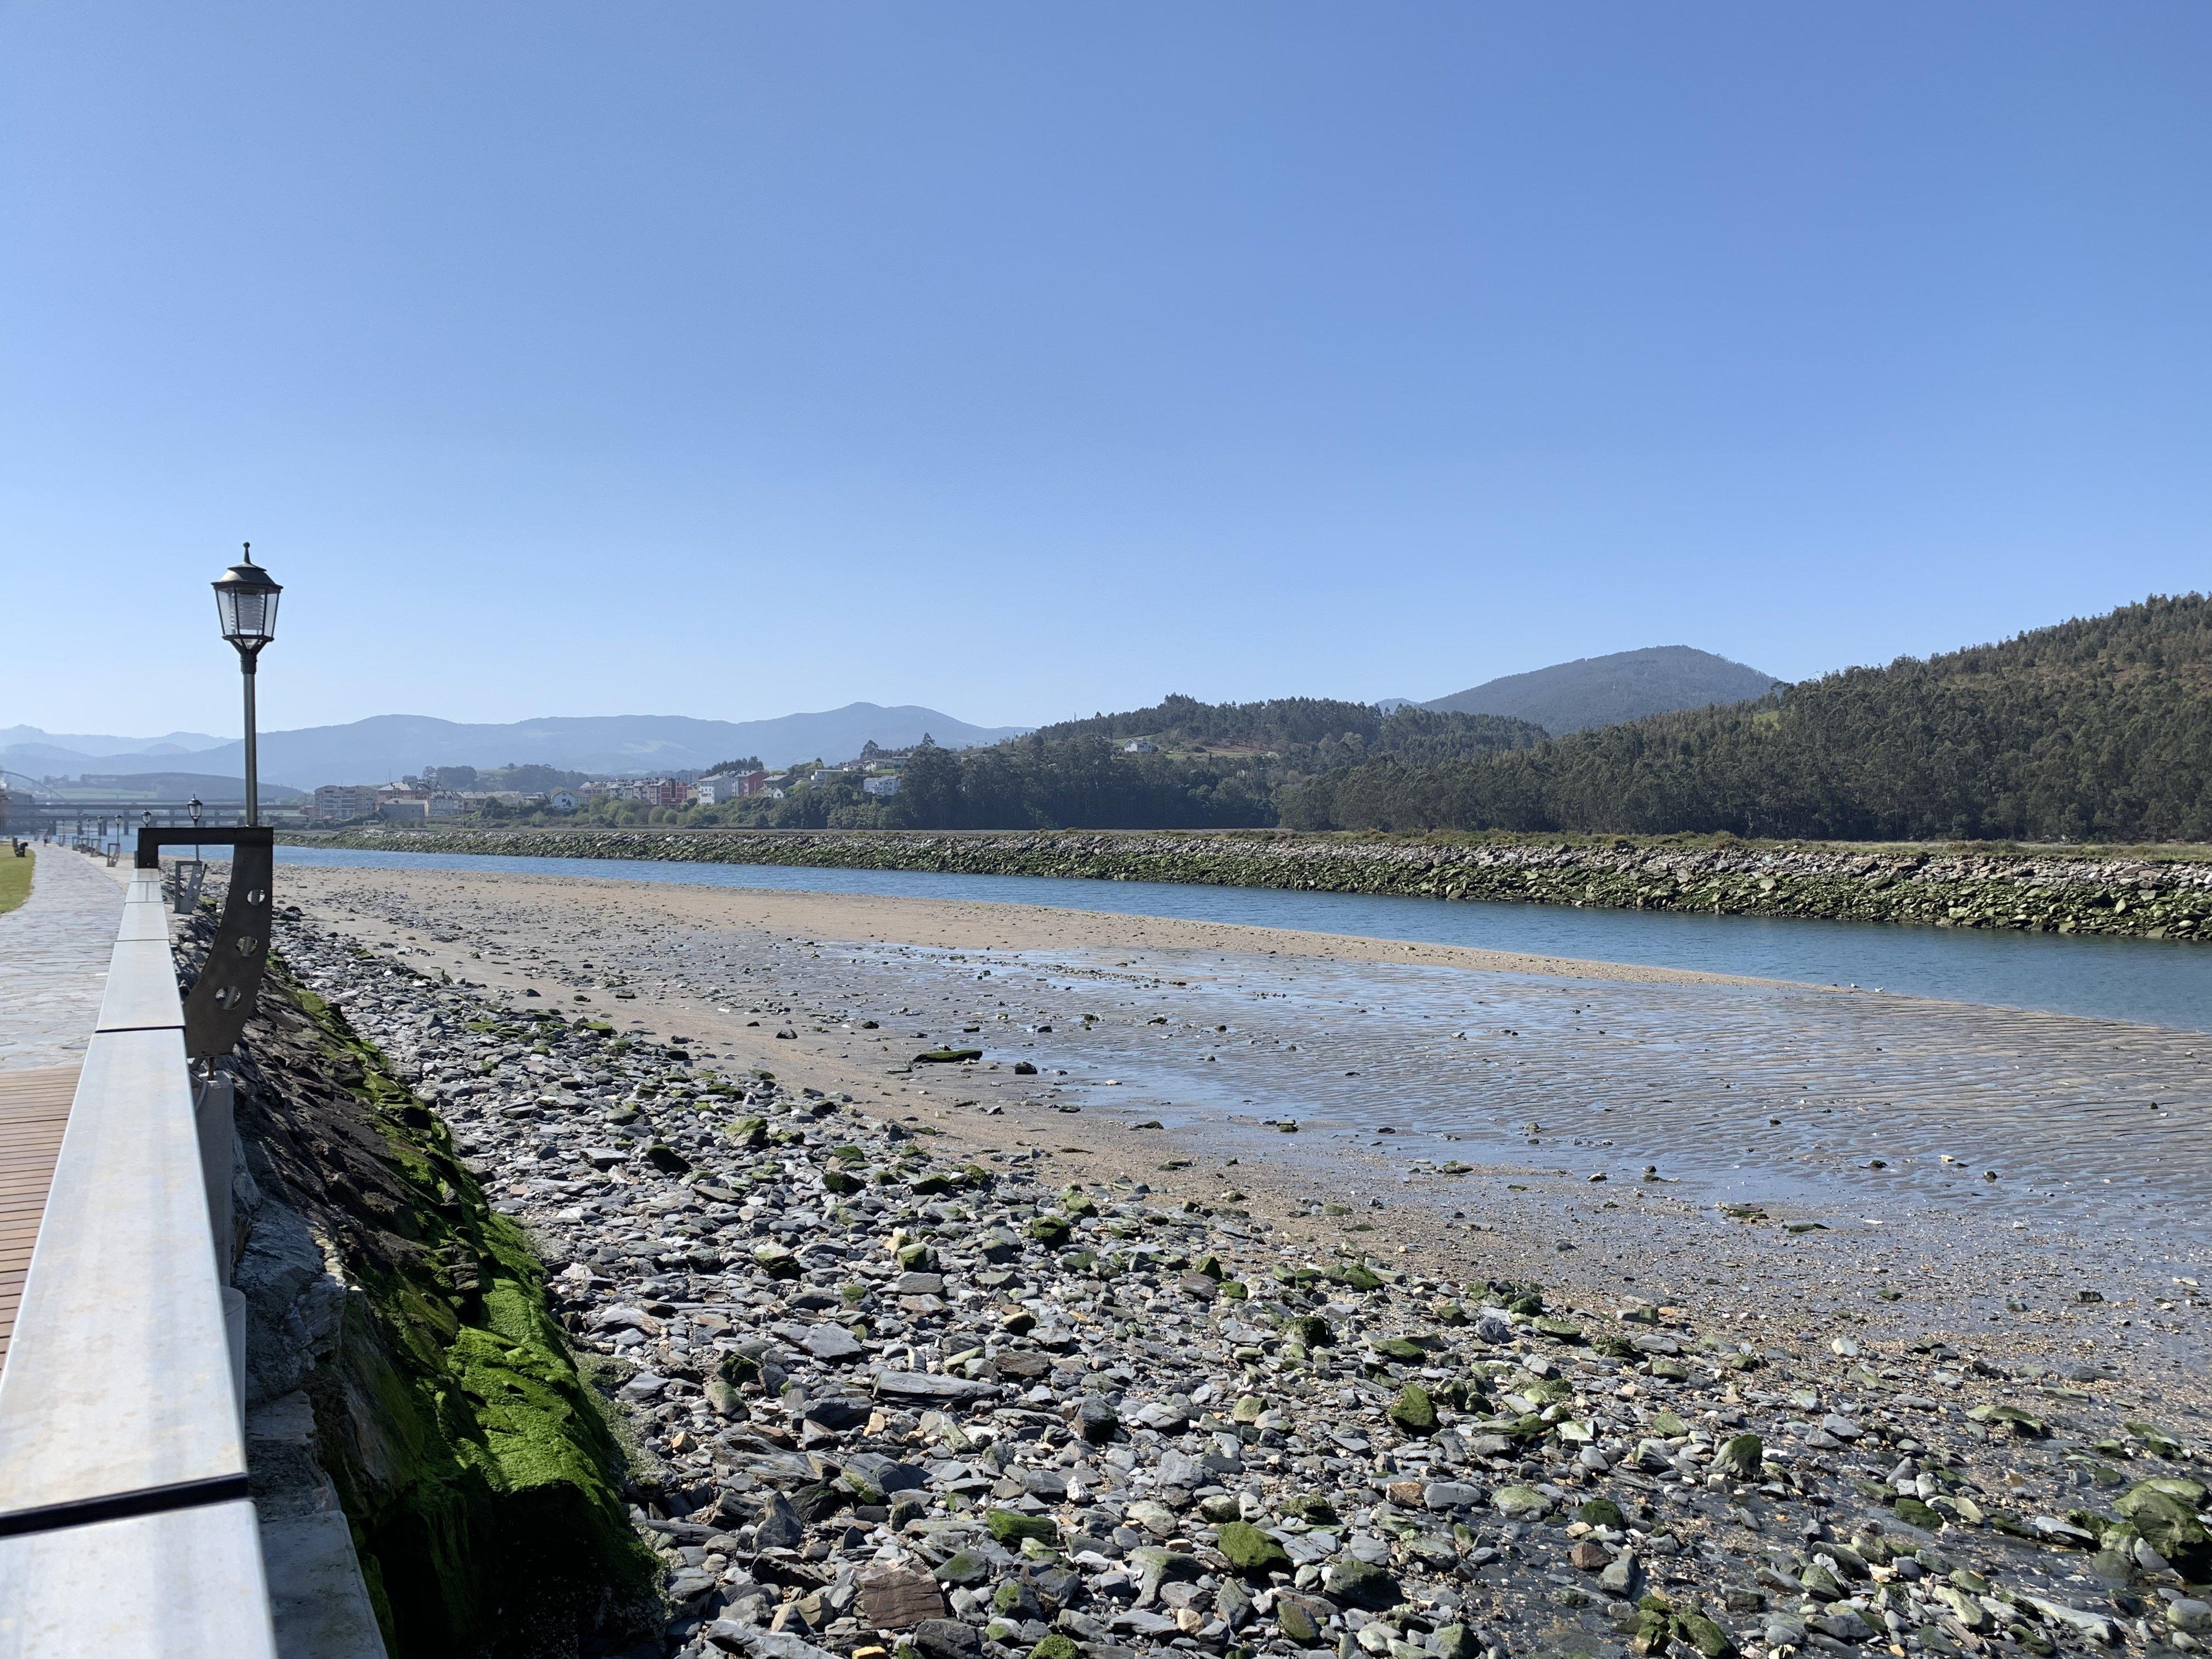 La cantidad de arena acumulada en la ría de Navia- entre La Poza y el Pardo- disminuye de manera notable su navegabilidad en bajamar